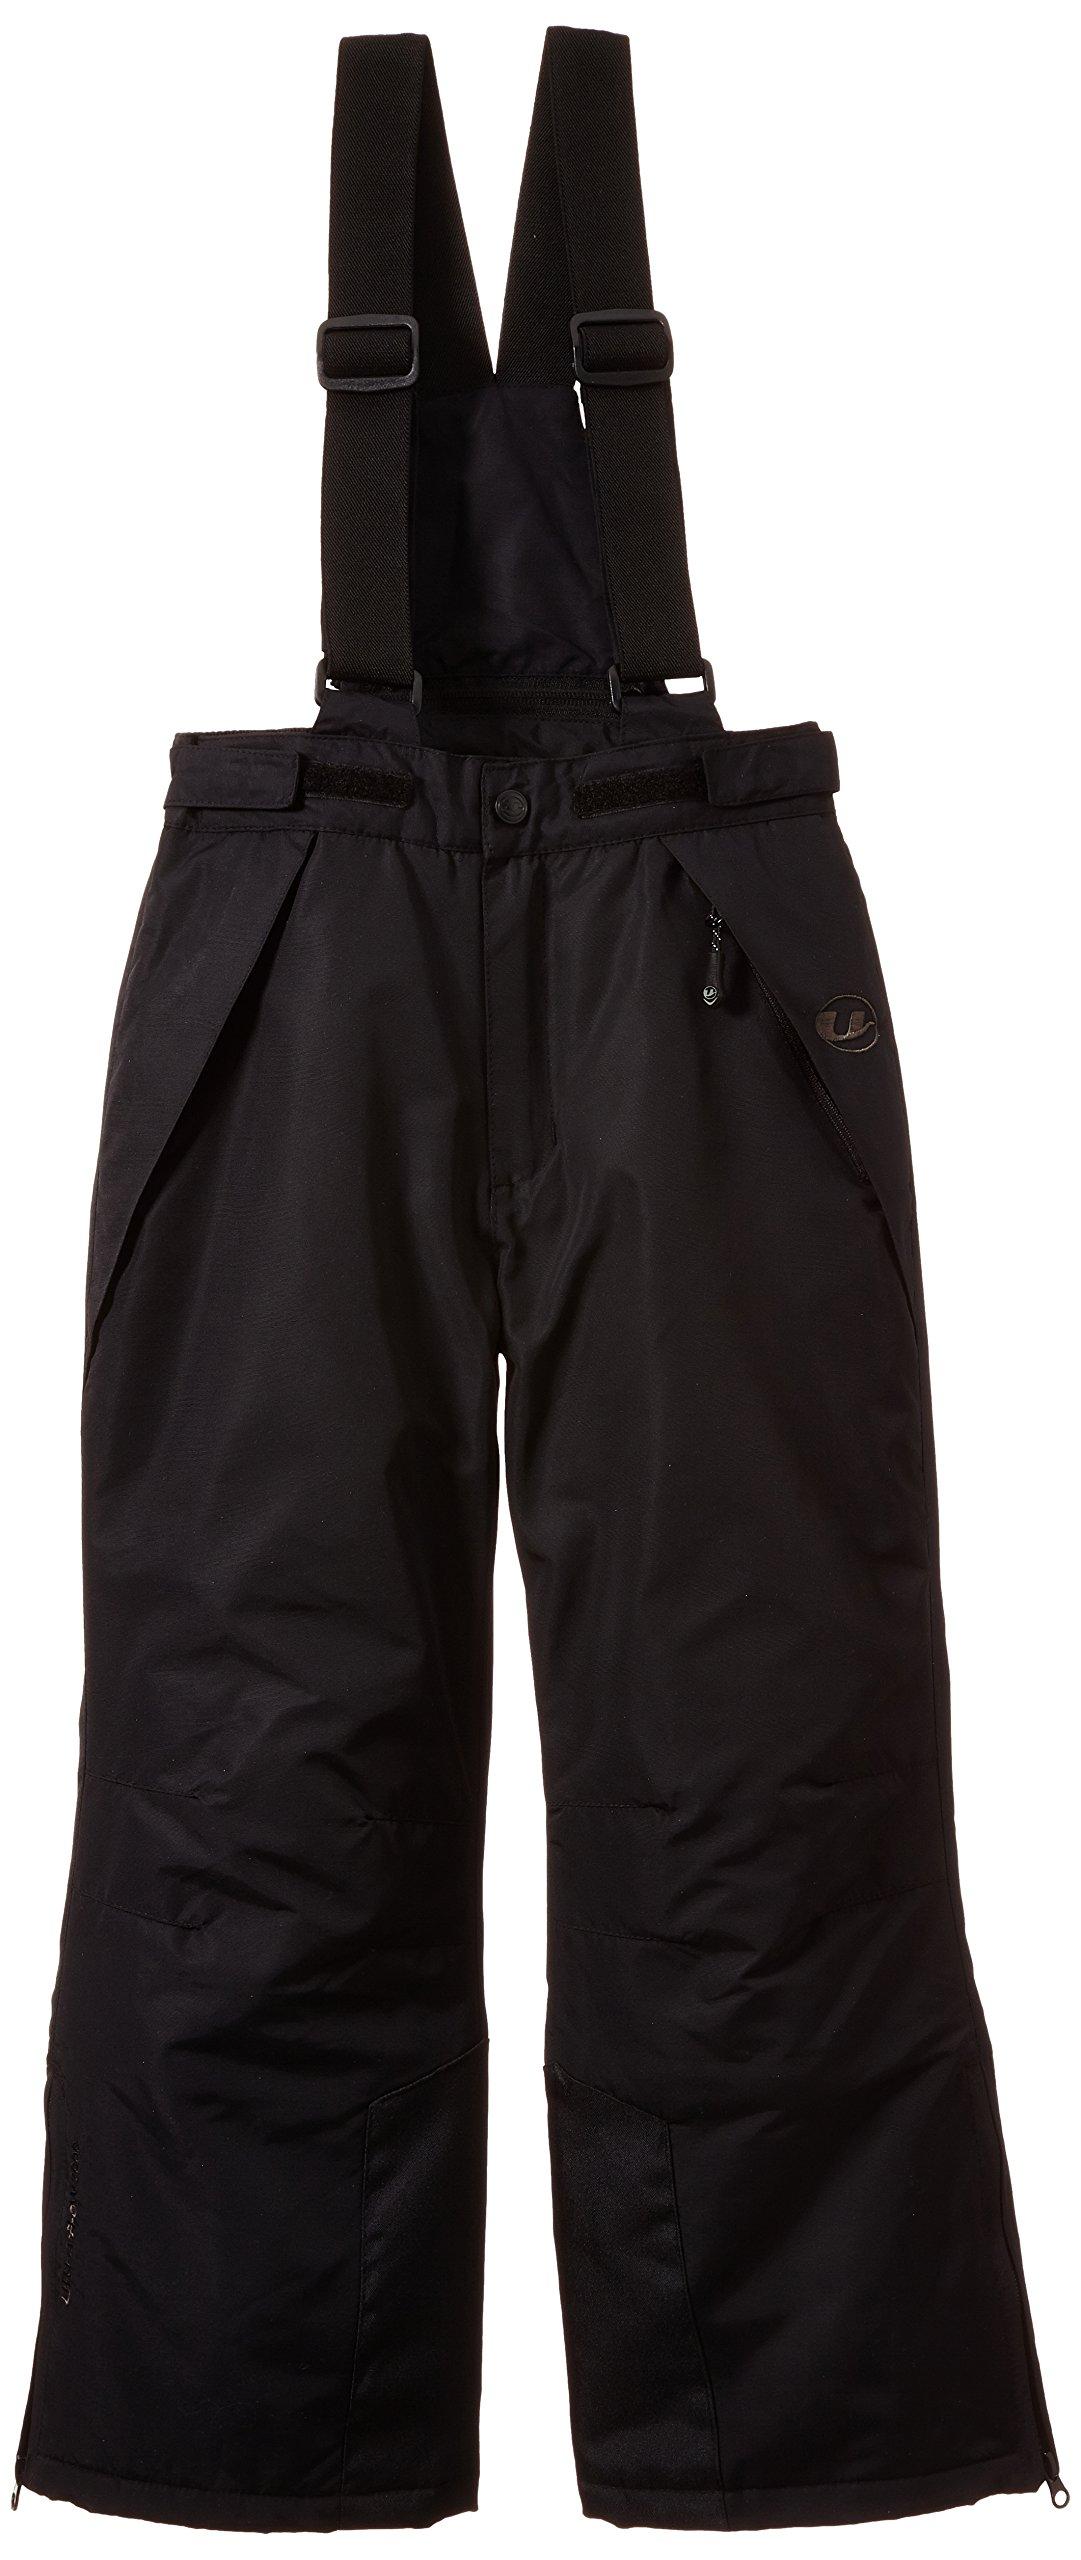 Ultrasport Pantalon de Ski et de Snowboard pour Enfants - Pantalon de Ski Filles et Garçons en Noir - Pantalon Sports d'Hiver Imperméable avec Bretelles, Noir product image